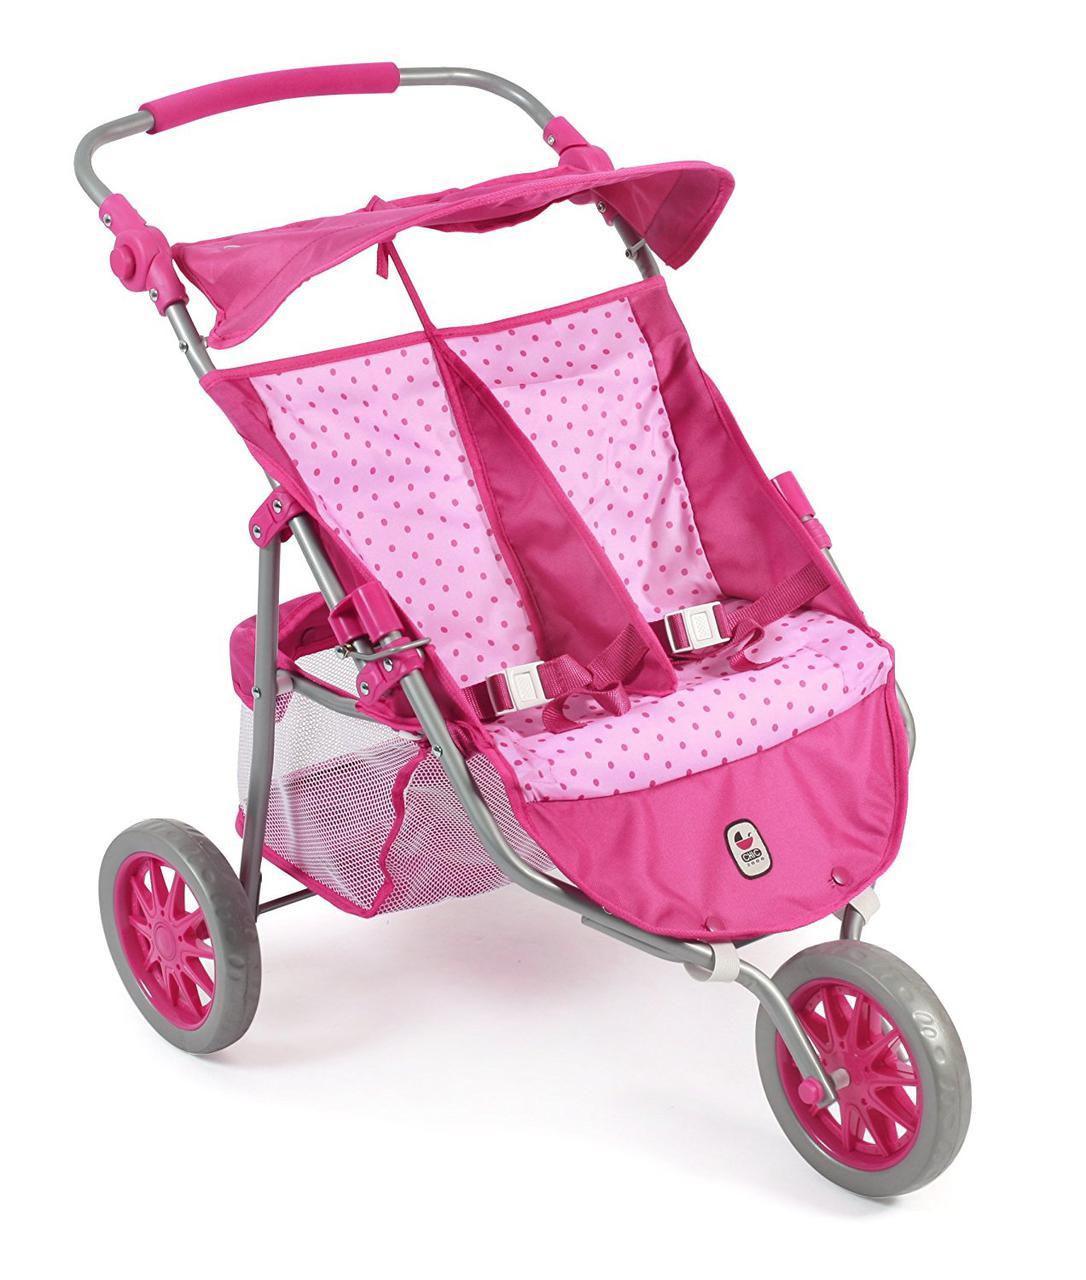 Коляска тандем для кукол для двойни розовый горошек Байер Tandem Bayer Chic 2000 69731